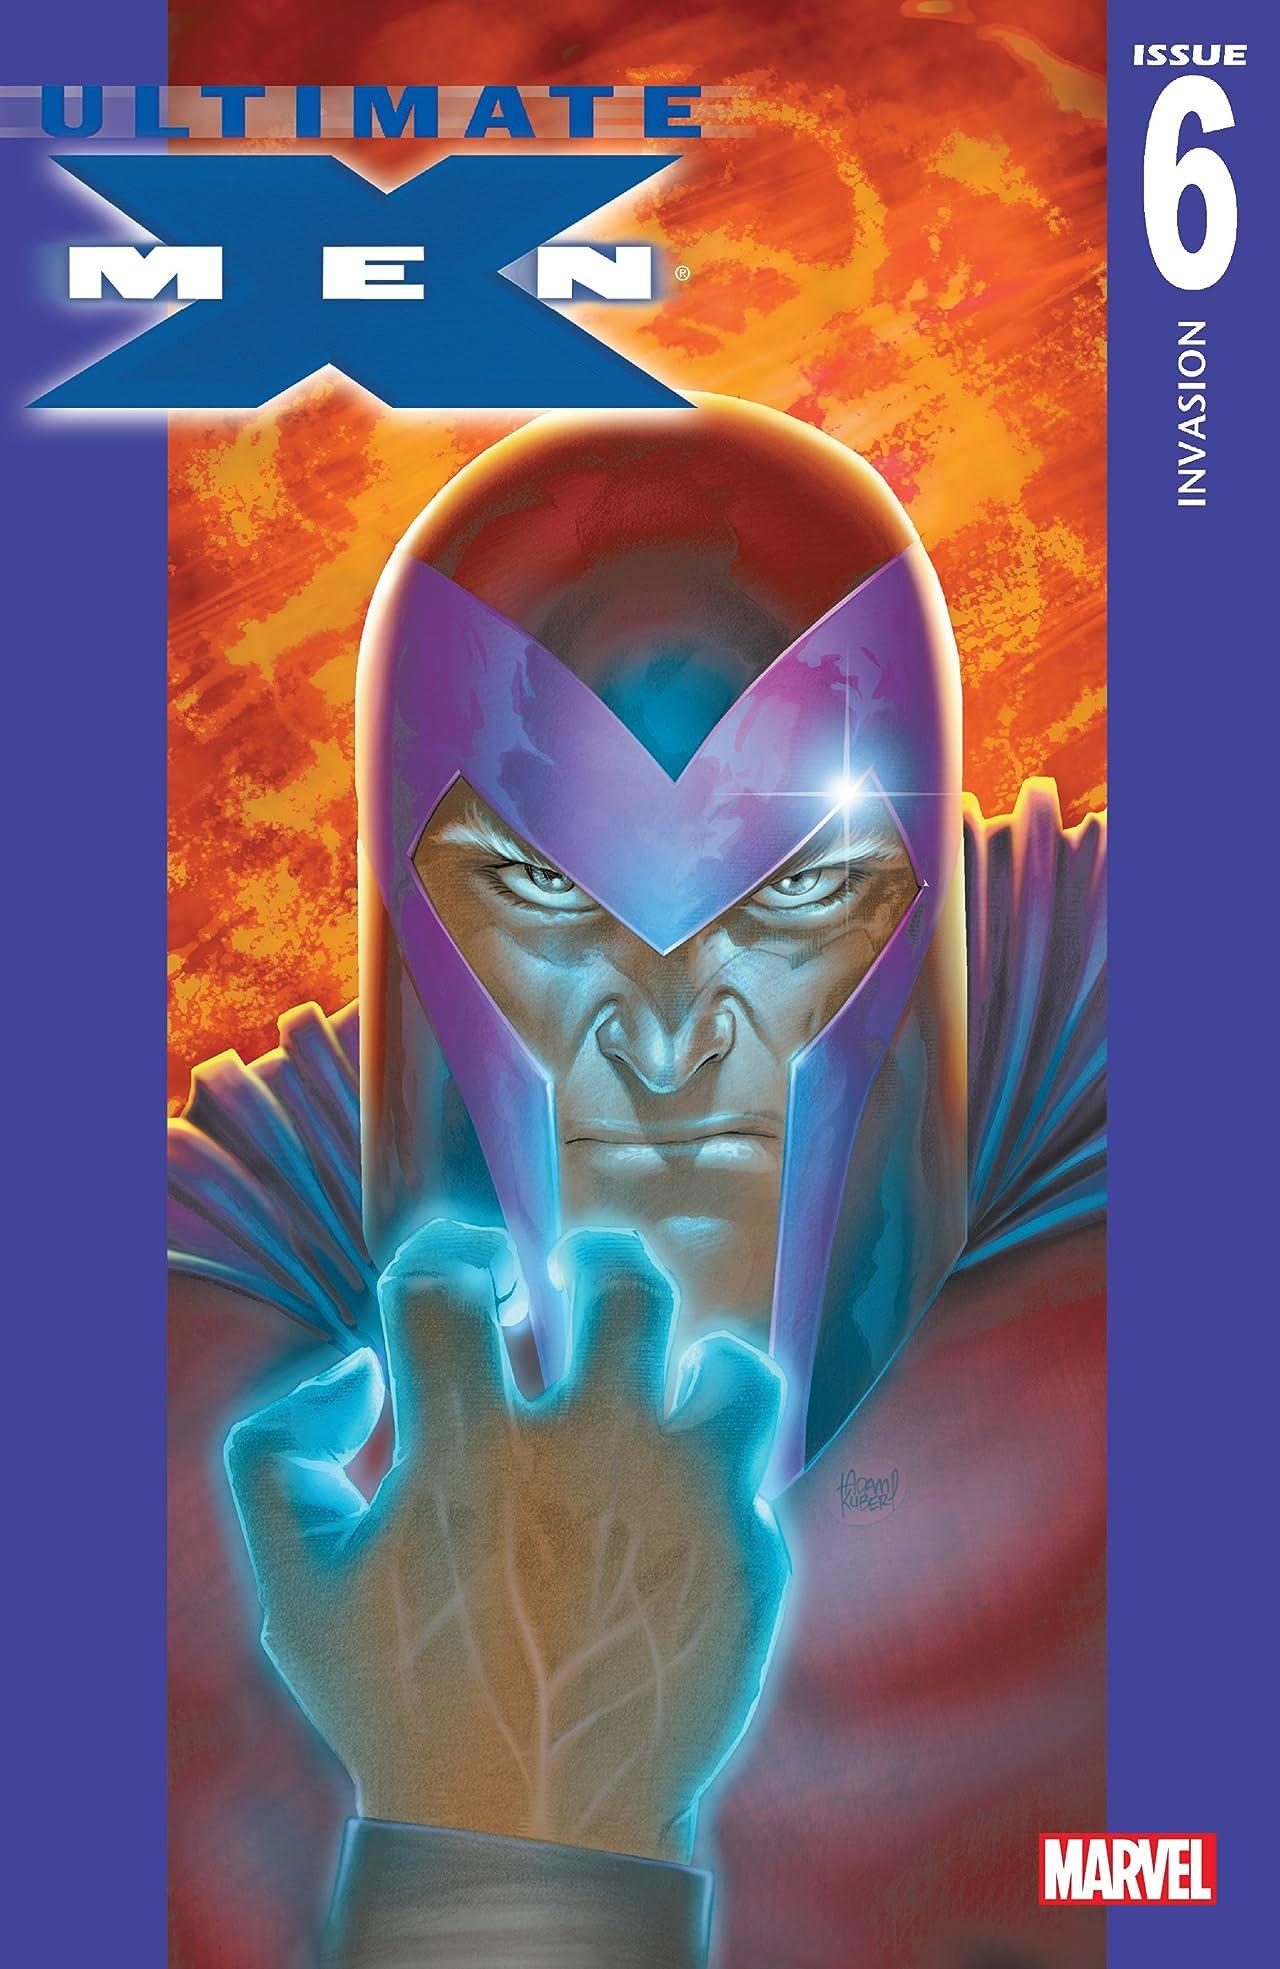 Ultimate X-Men #6